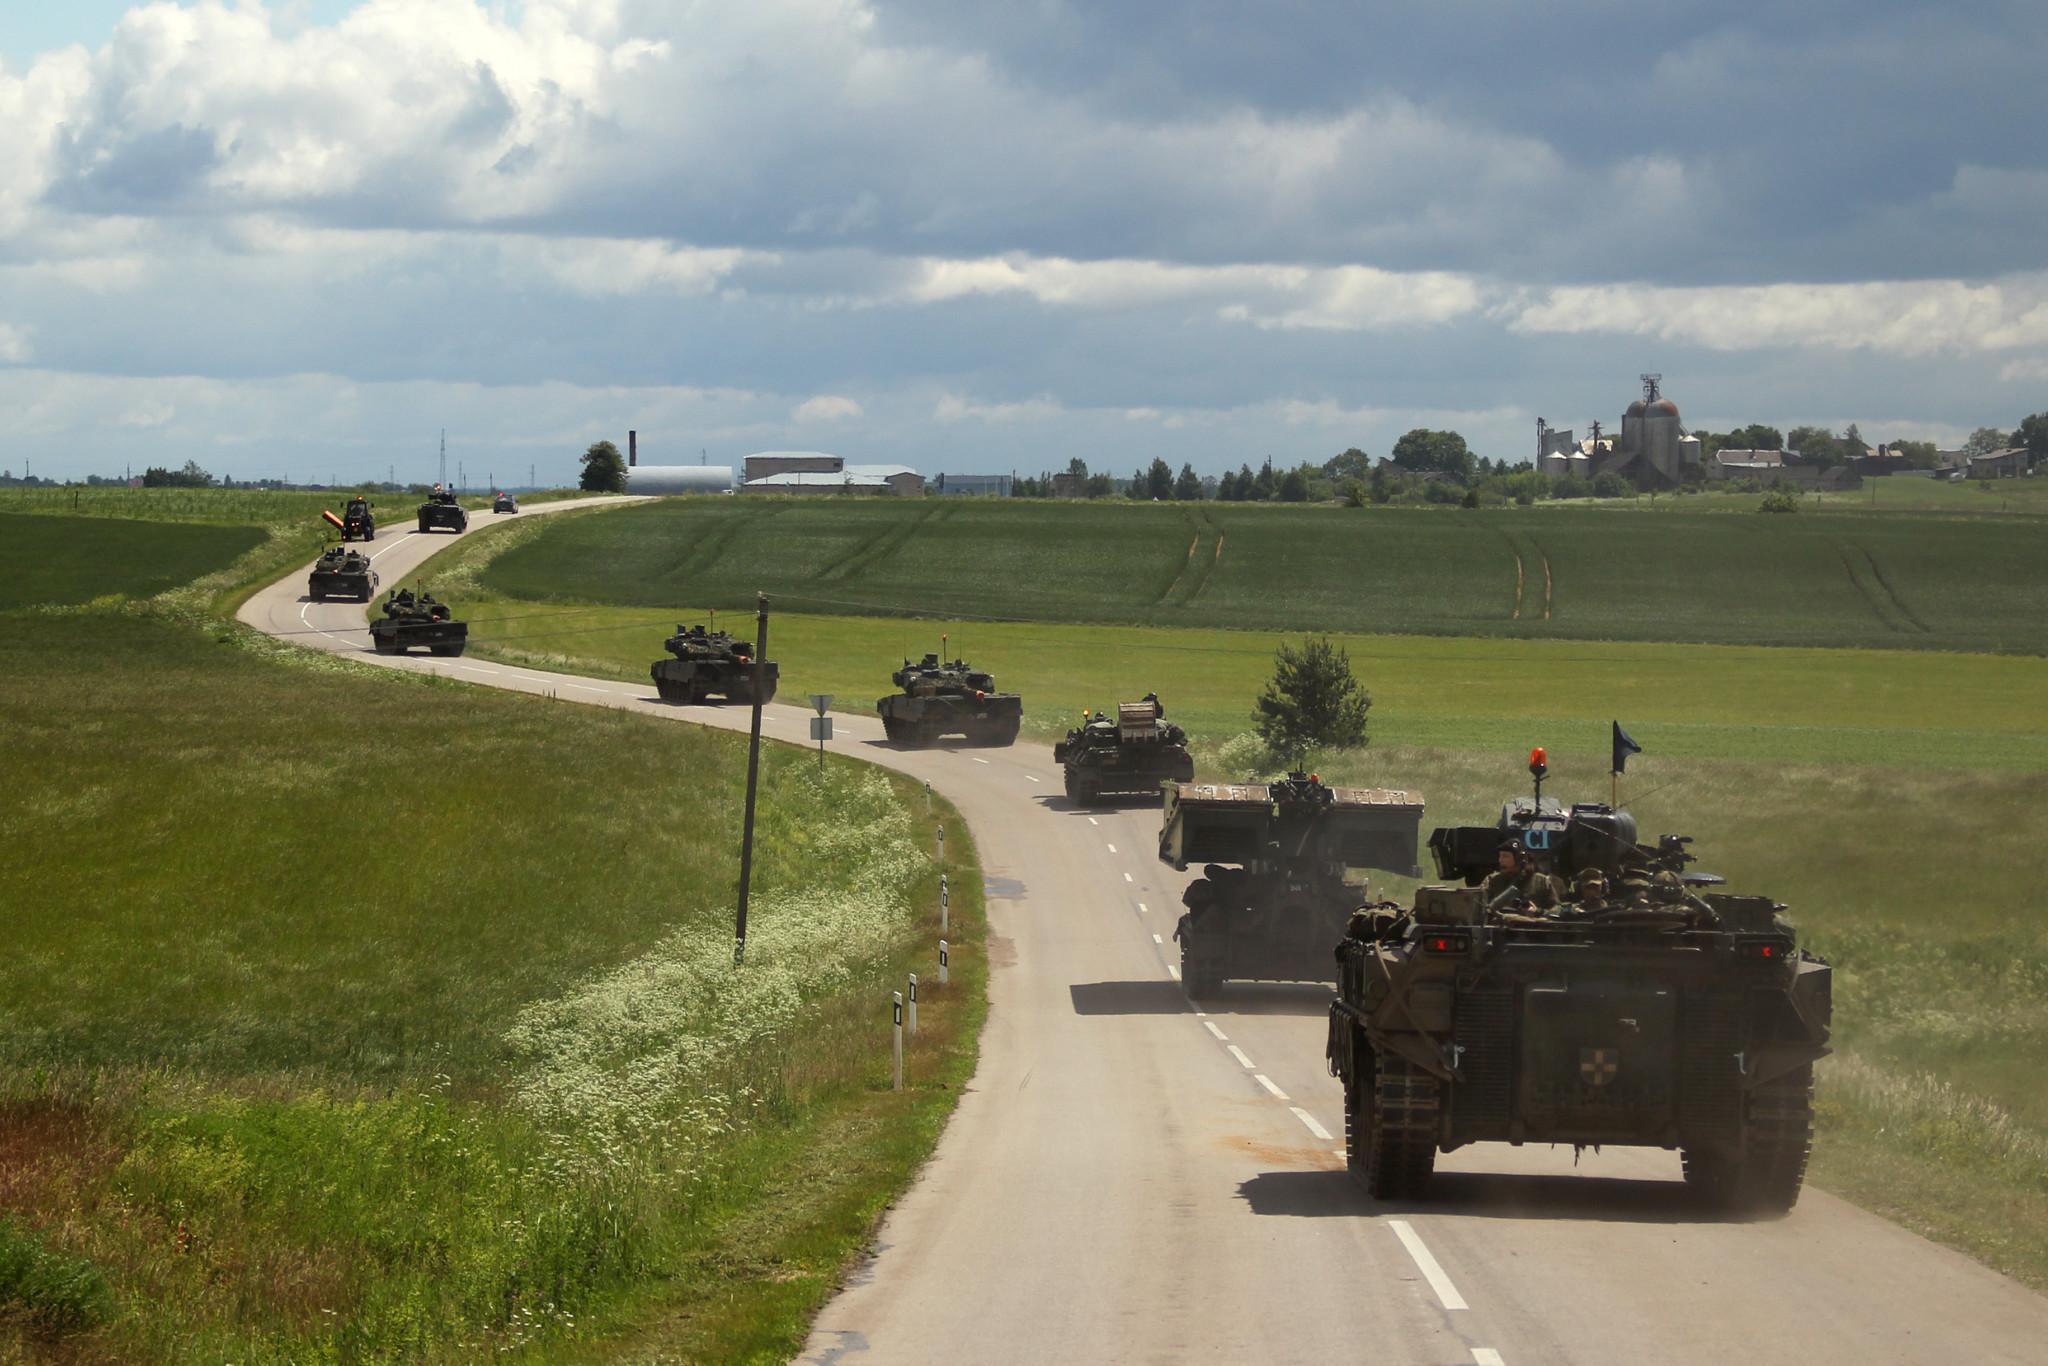 Tysk forsvarssatsing etter USA-kritikk